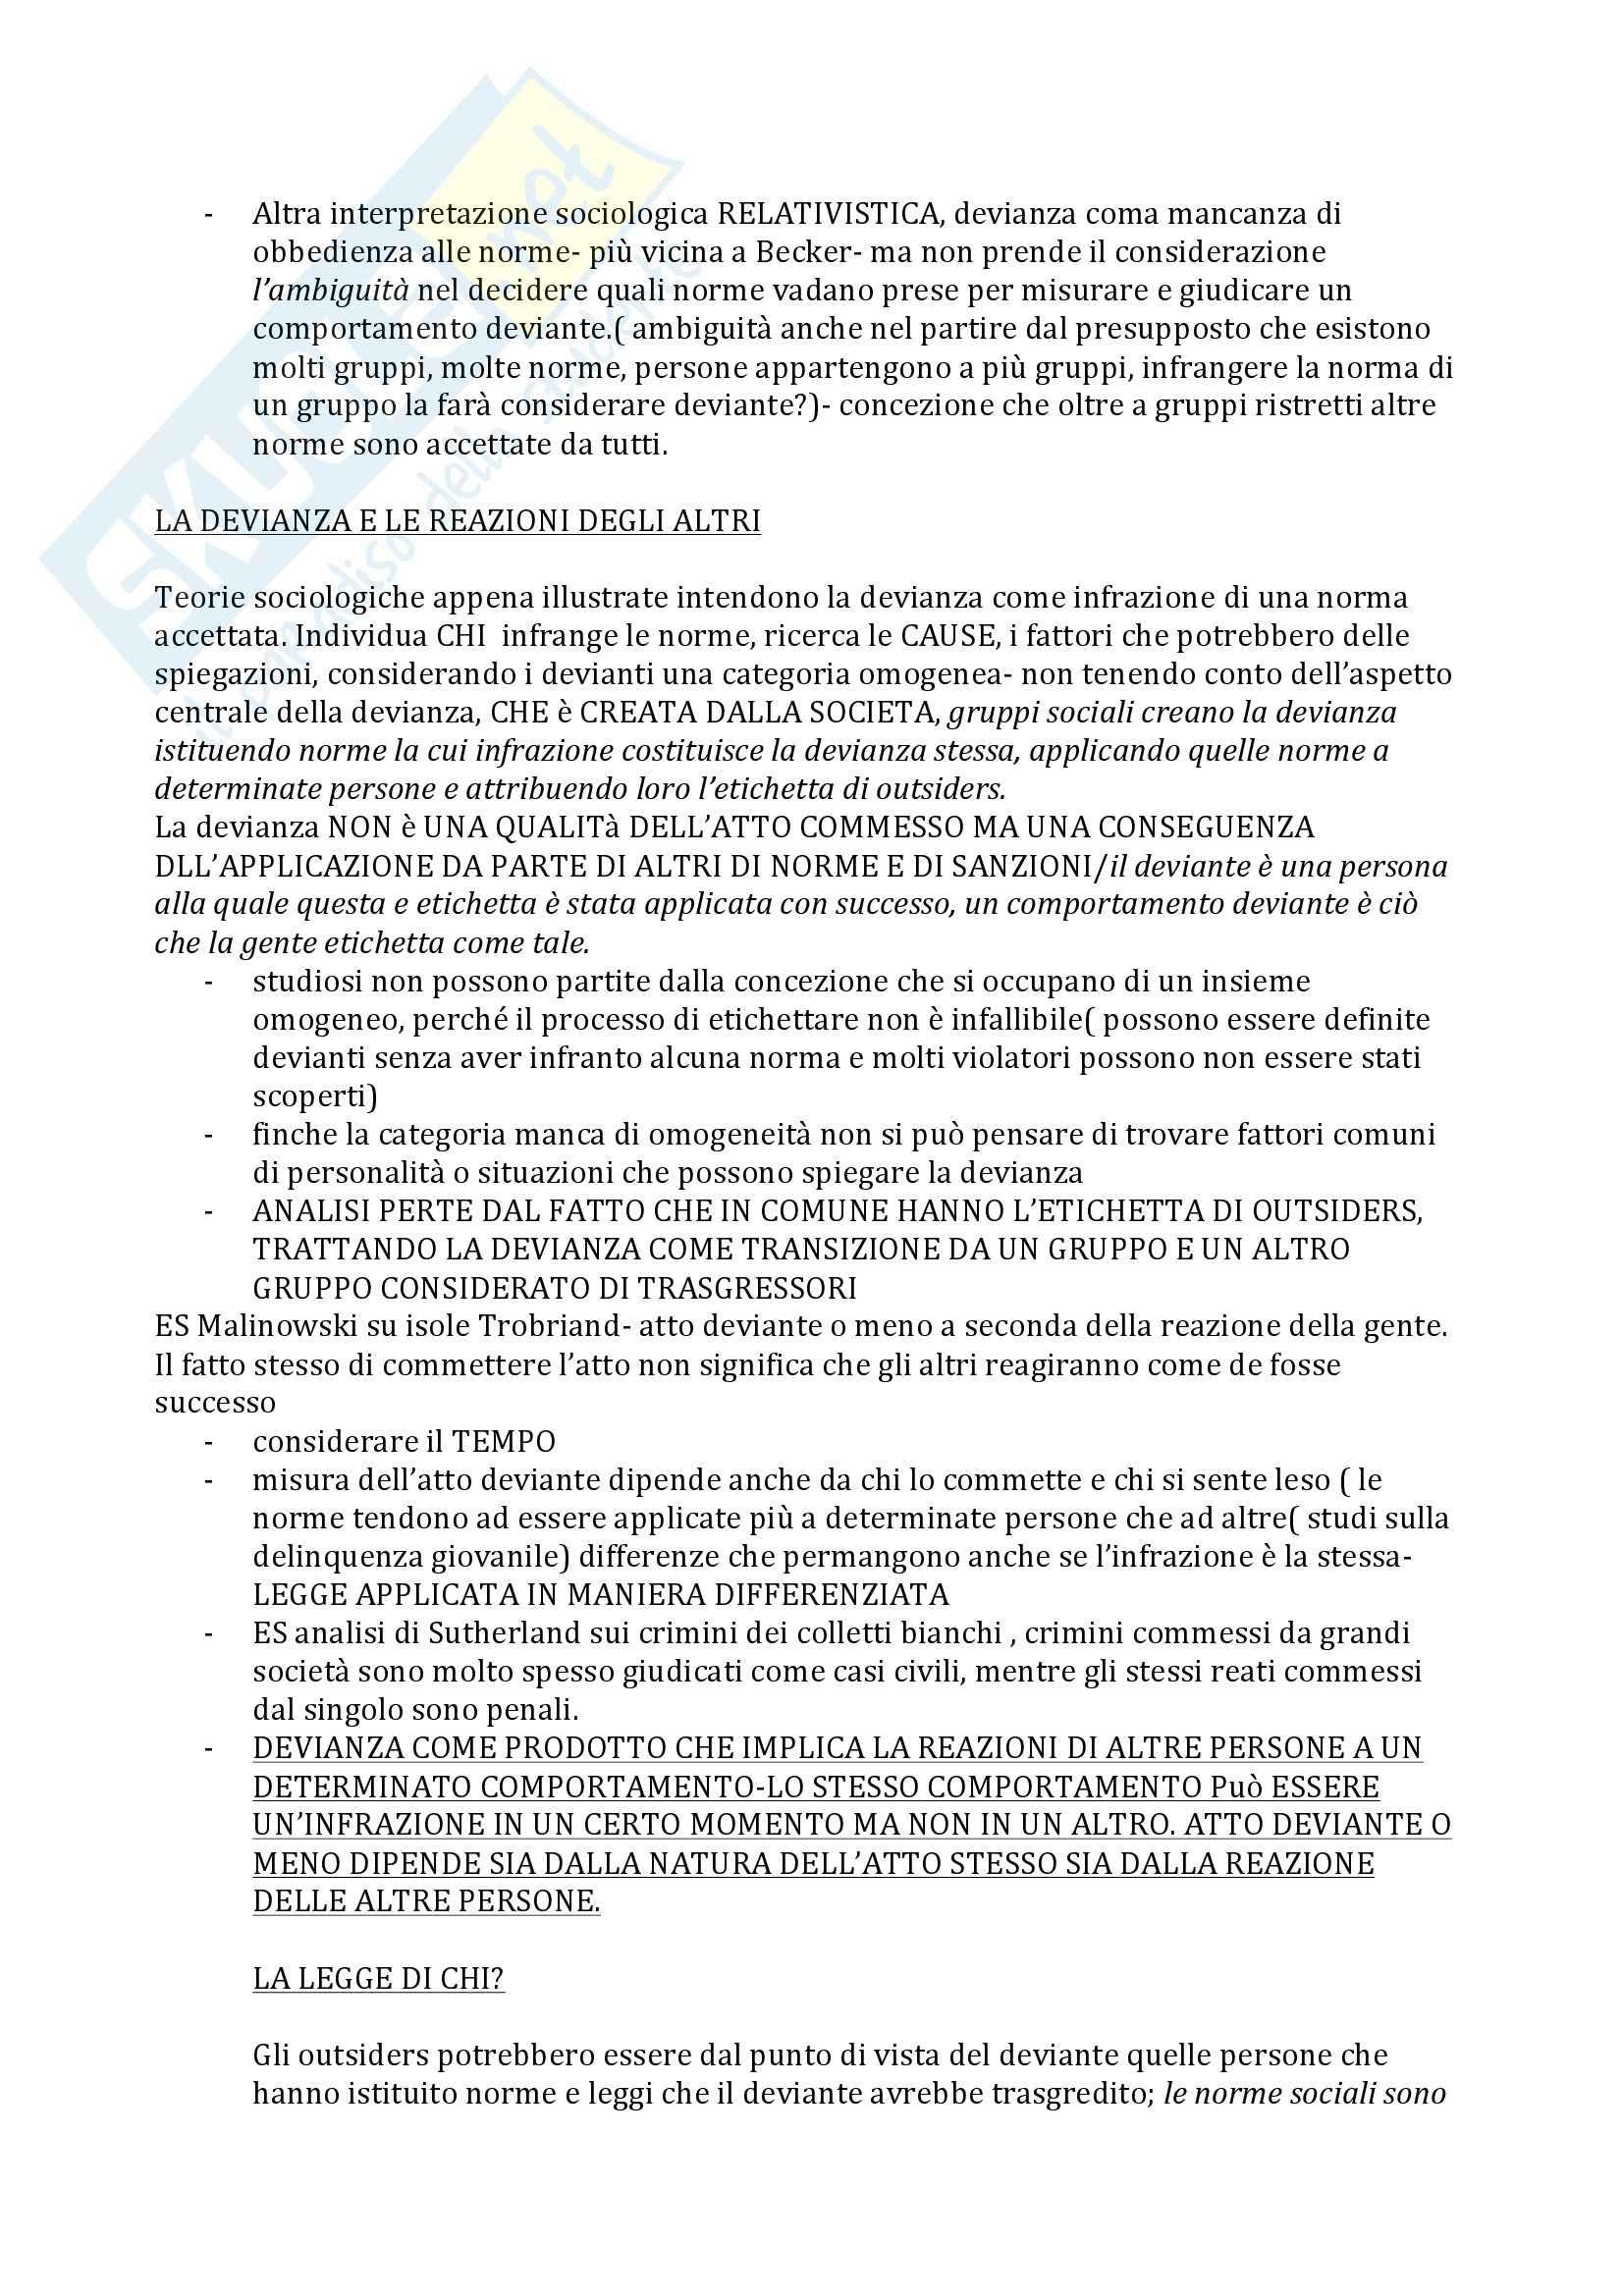 Sociologia della devianza - Becker Pag. 2